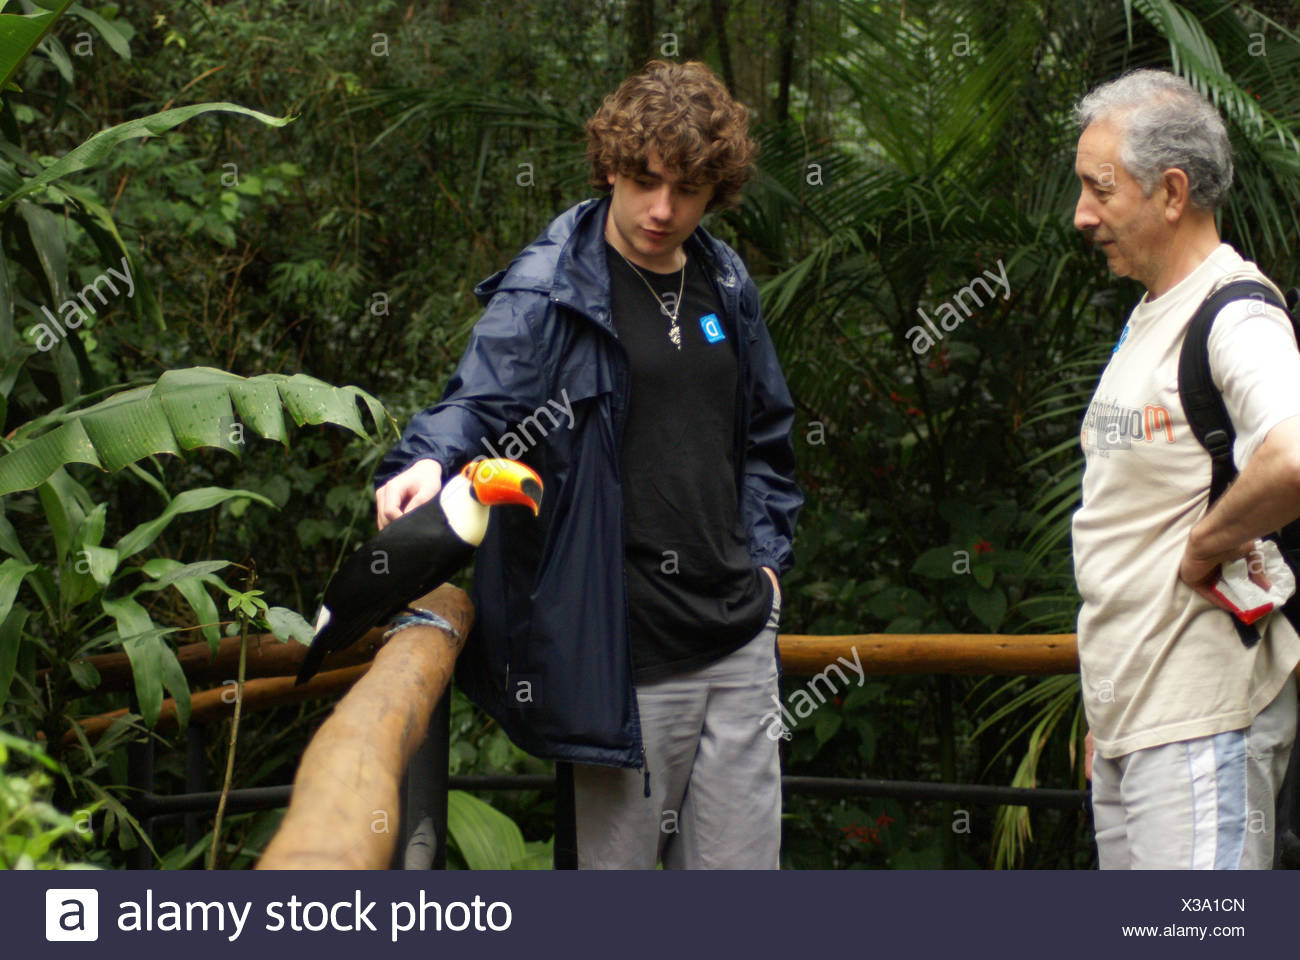 People, bird, Toucan-stub, OiseauxFoz, Foz Iguaçu, Brazil - Stock Image